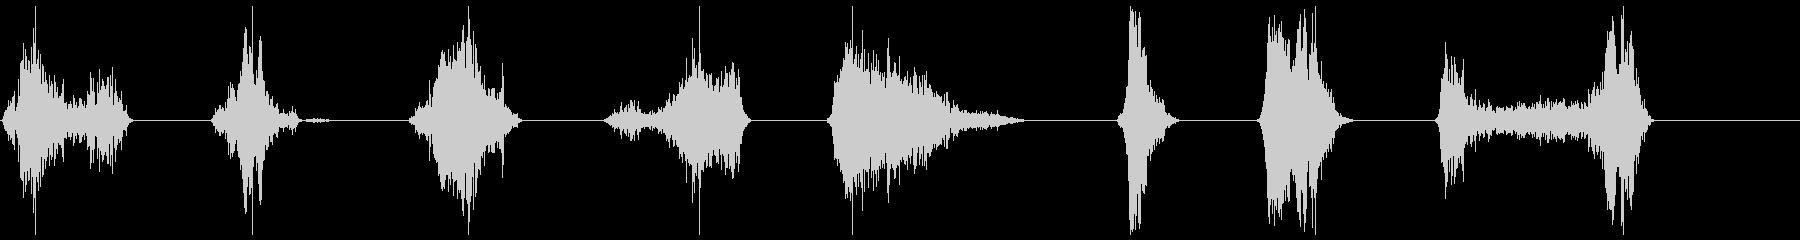 モンスター、タイプ1、Ro音8-15の未再生の波形